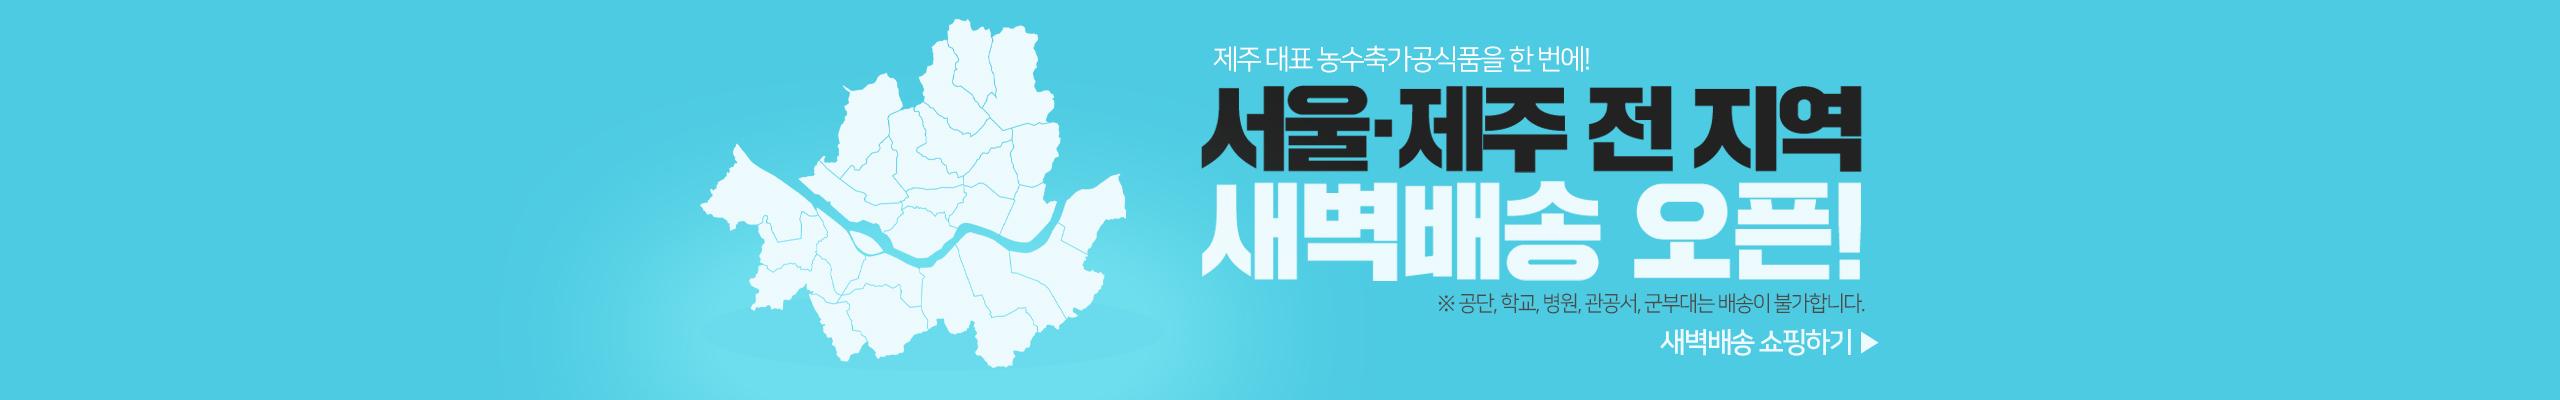 ★서울 전지역 새벽배송 오픈!★